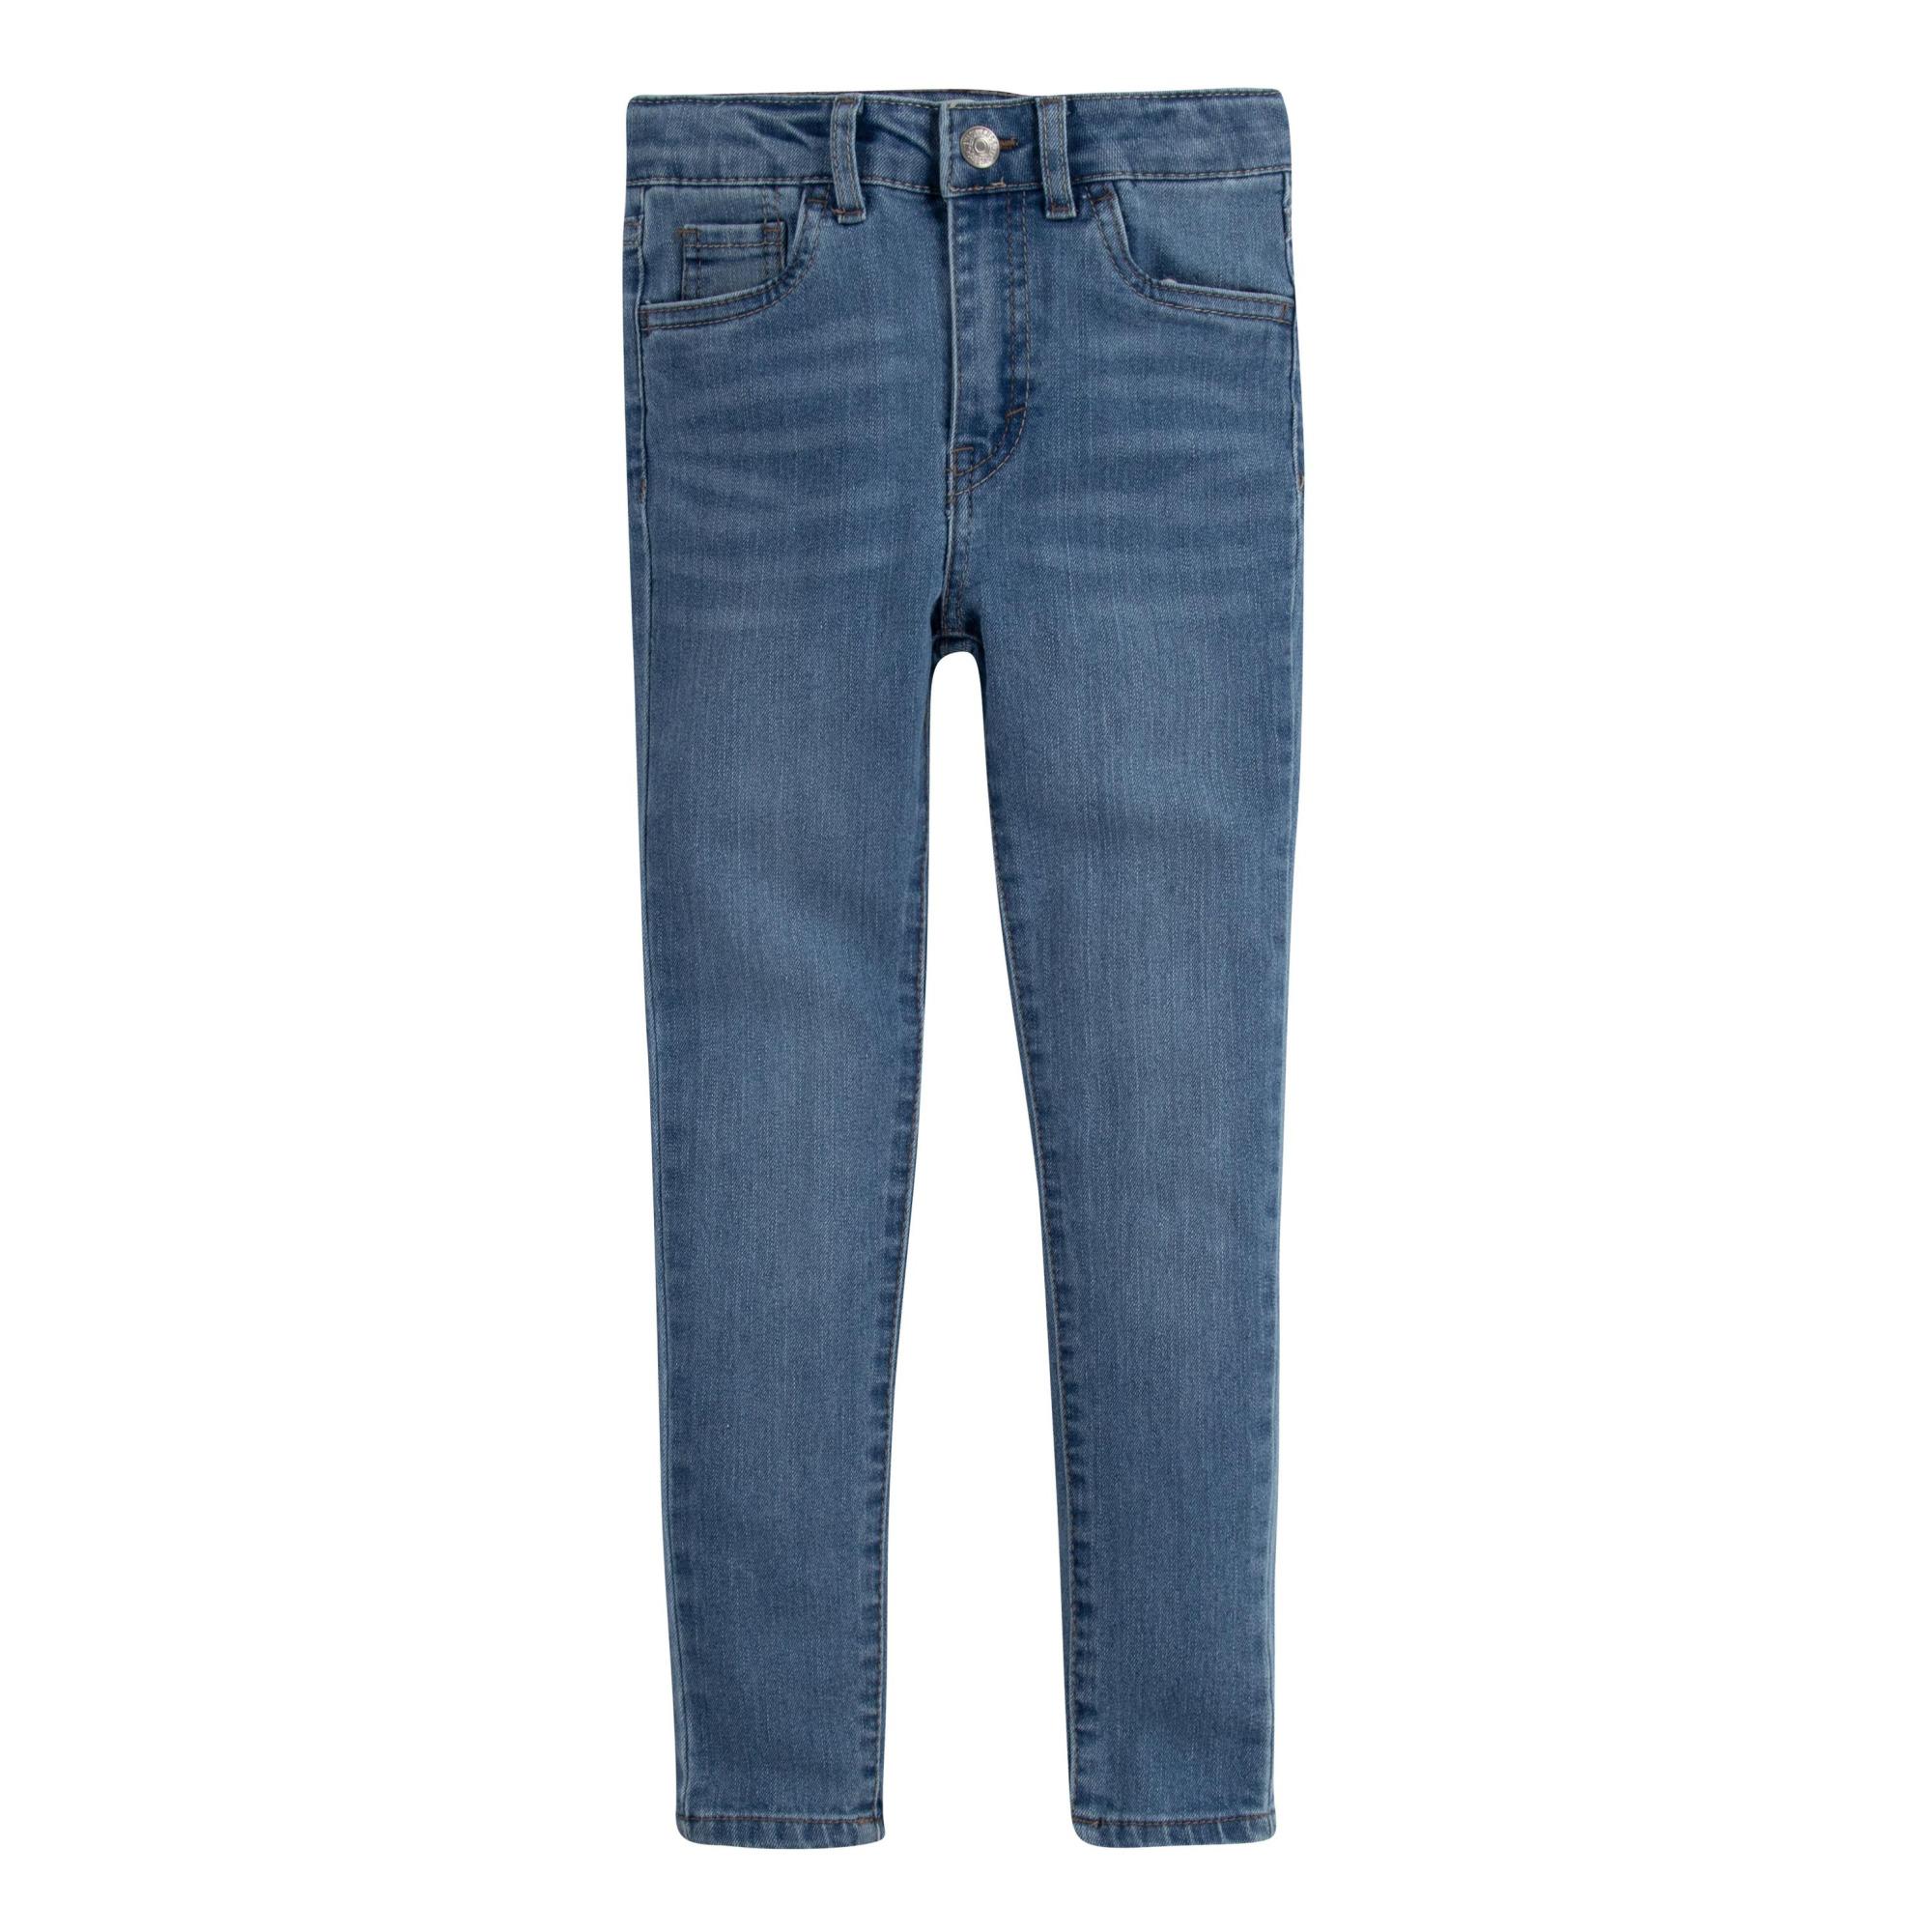 Jean Skinny 720